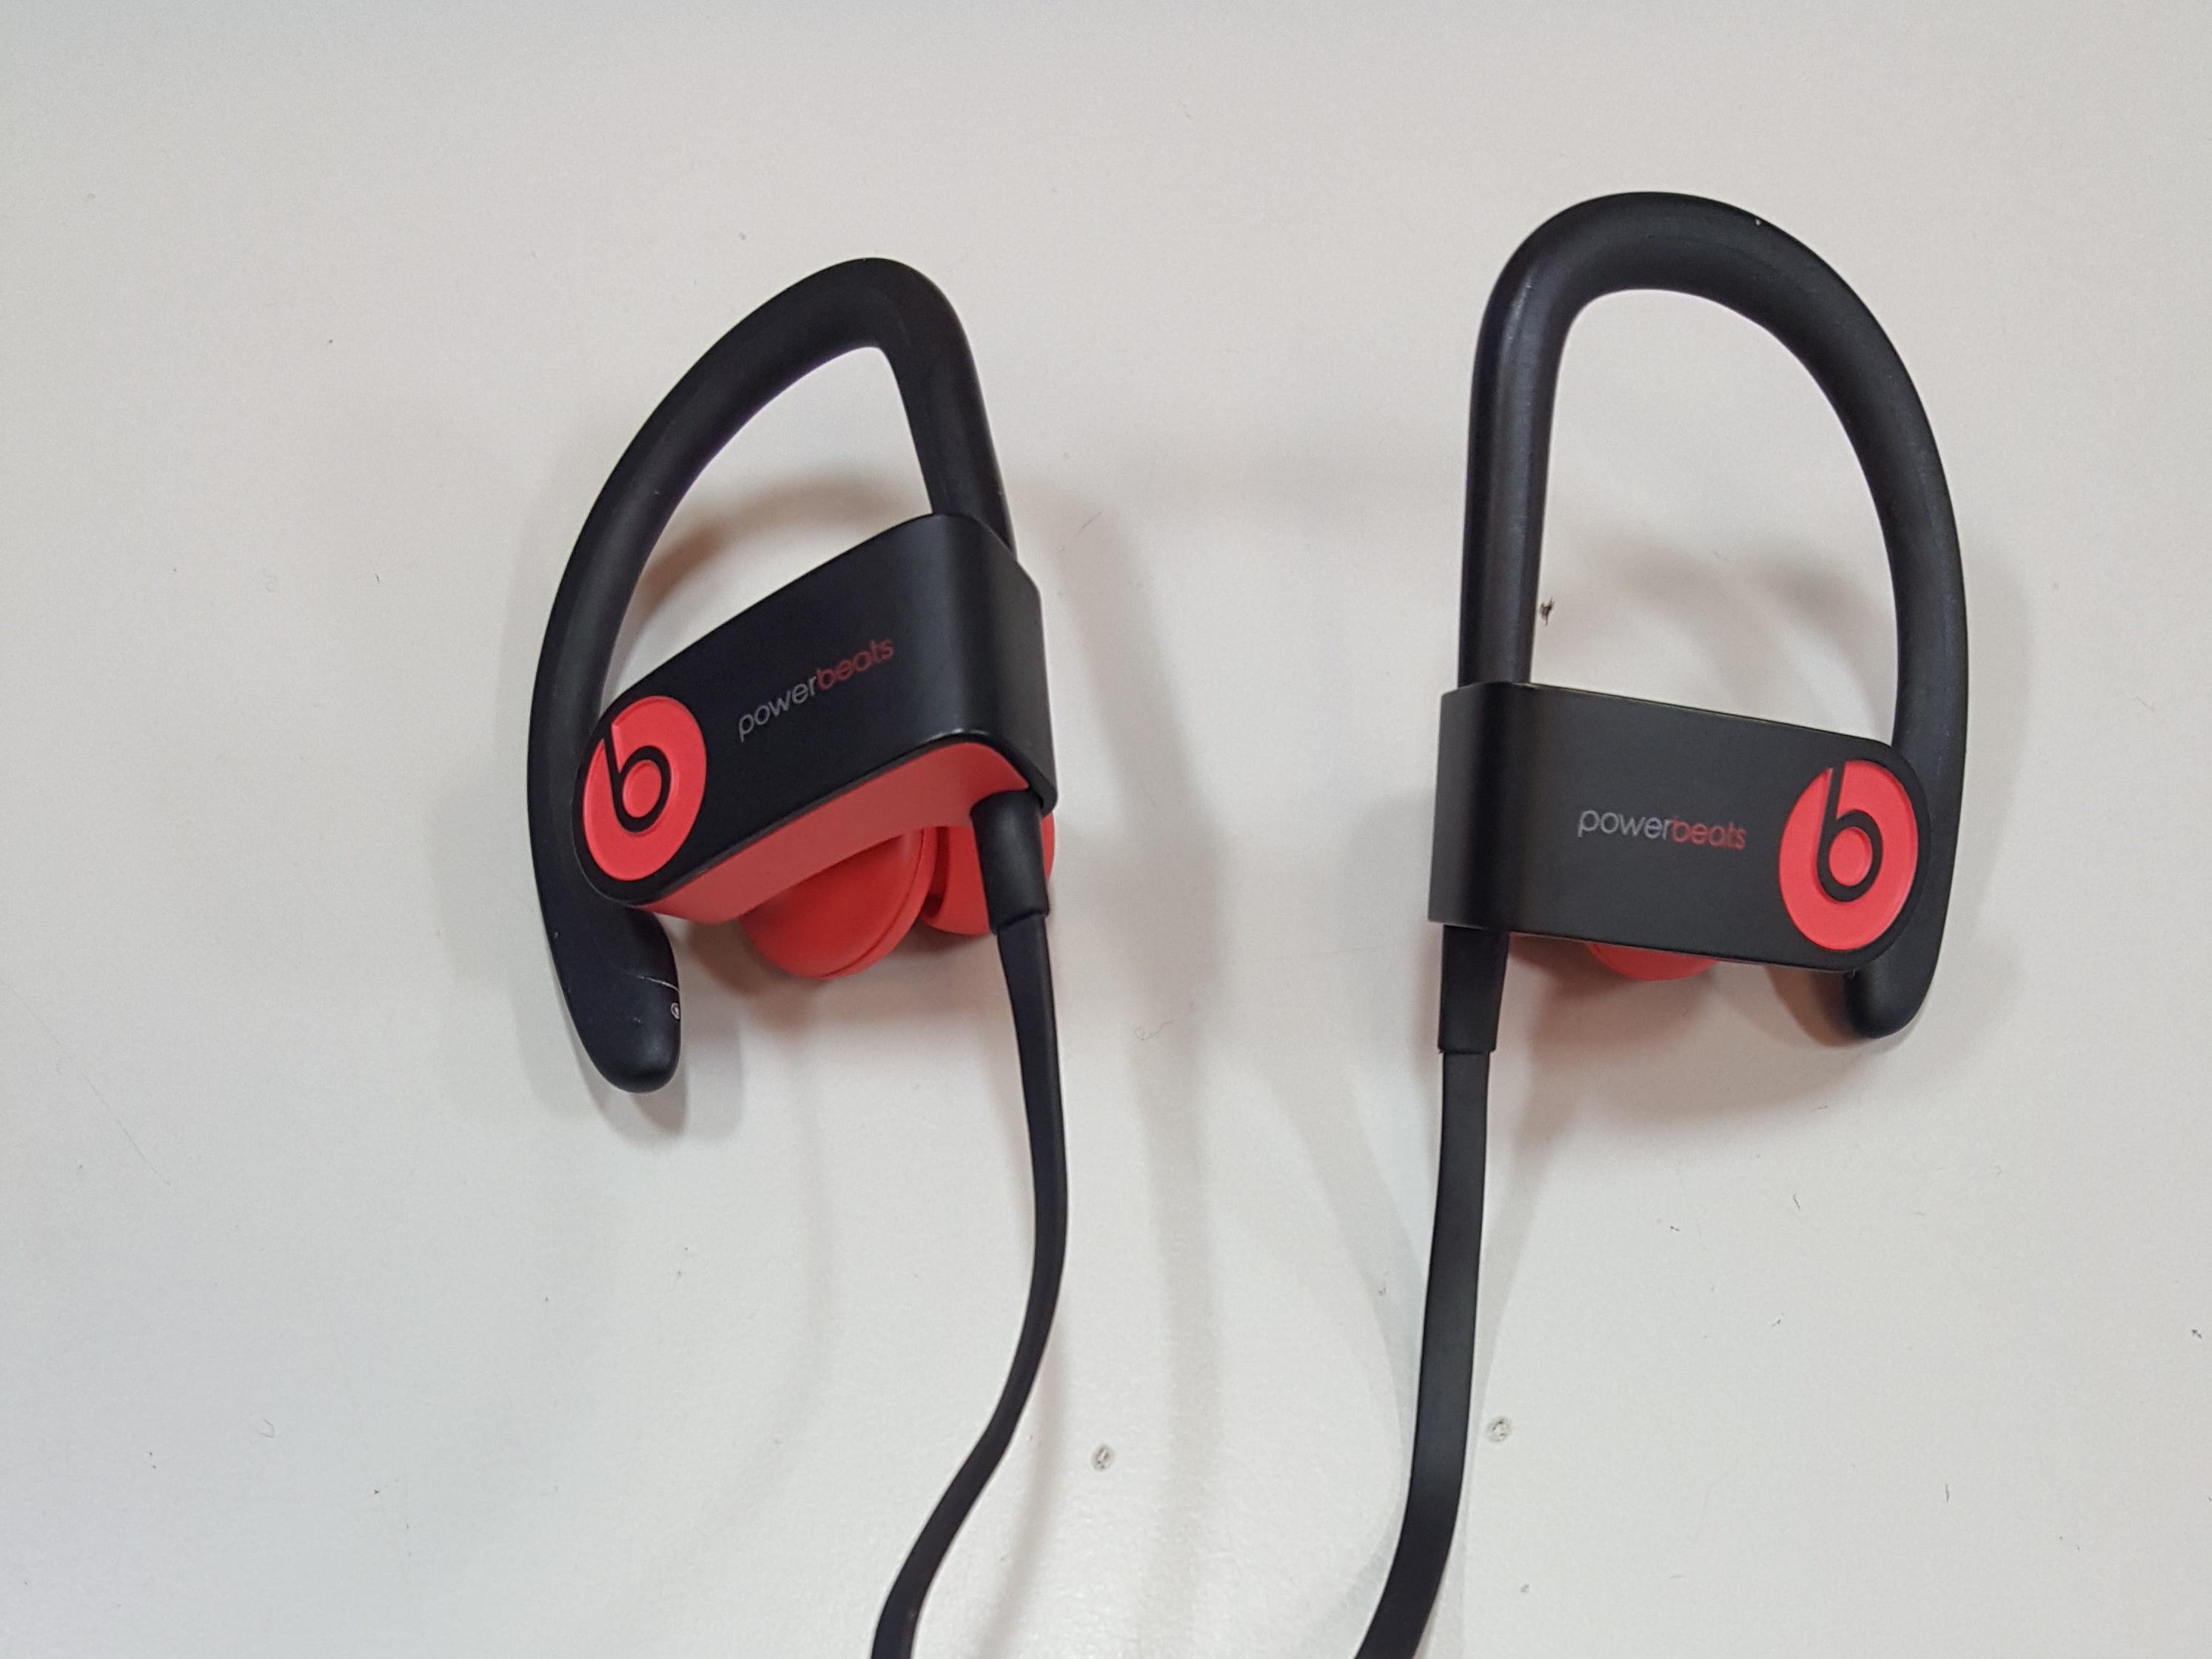 23676b9378b PowerBeats3 Wireless Earphones Dr. Dre Repair - iFixit